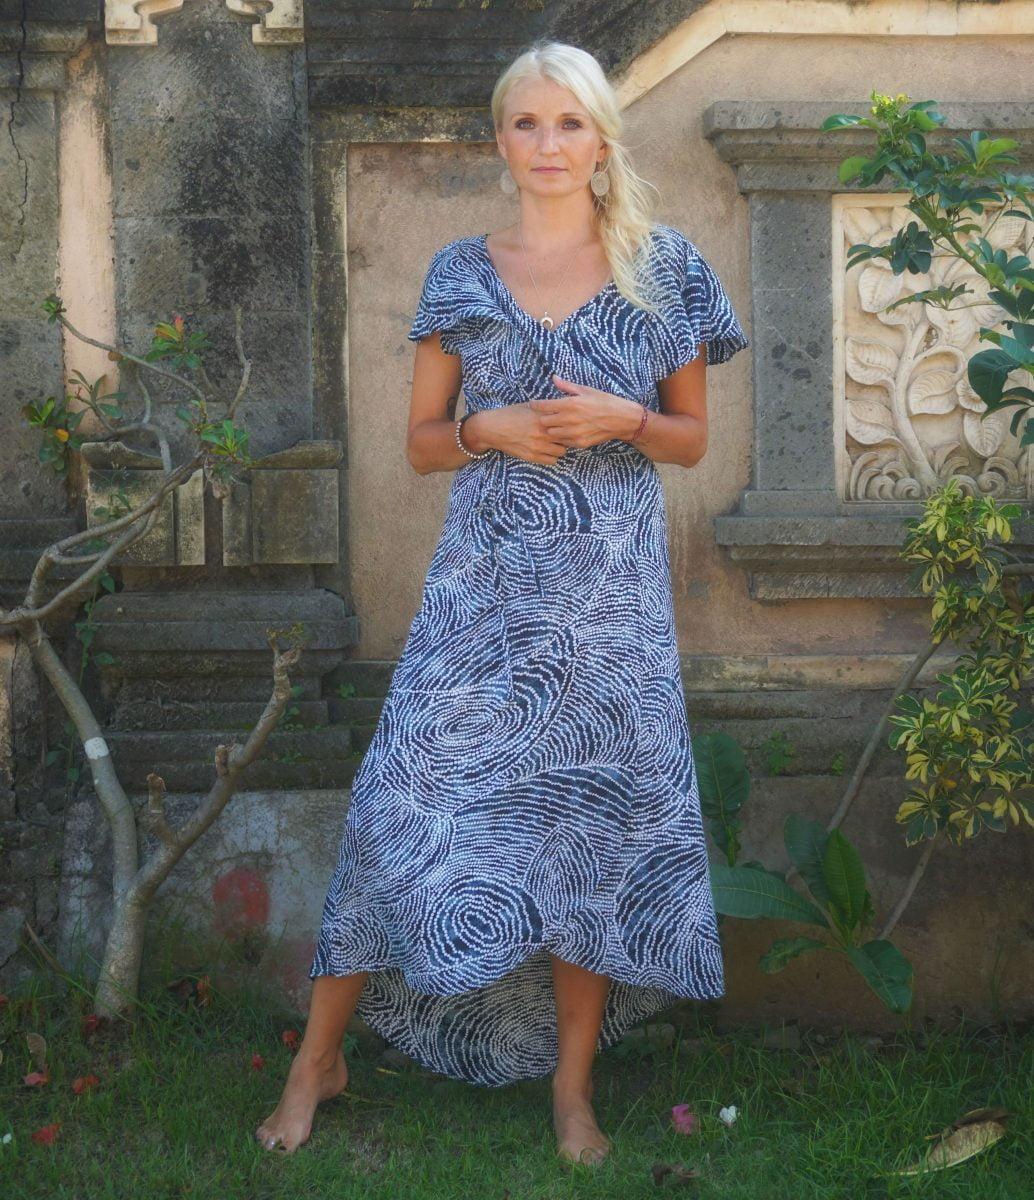 5bafd1275c70e Tupfenkleid Blau Weiß Sommerkleid Wickelkleid Strand Kleid Volant Maxi Kleid  lang